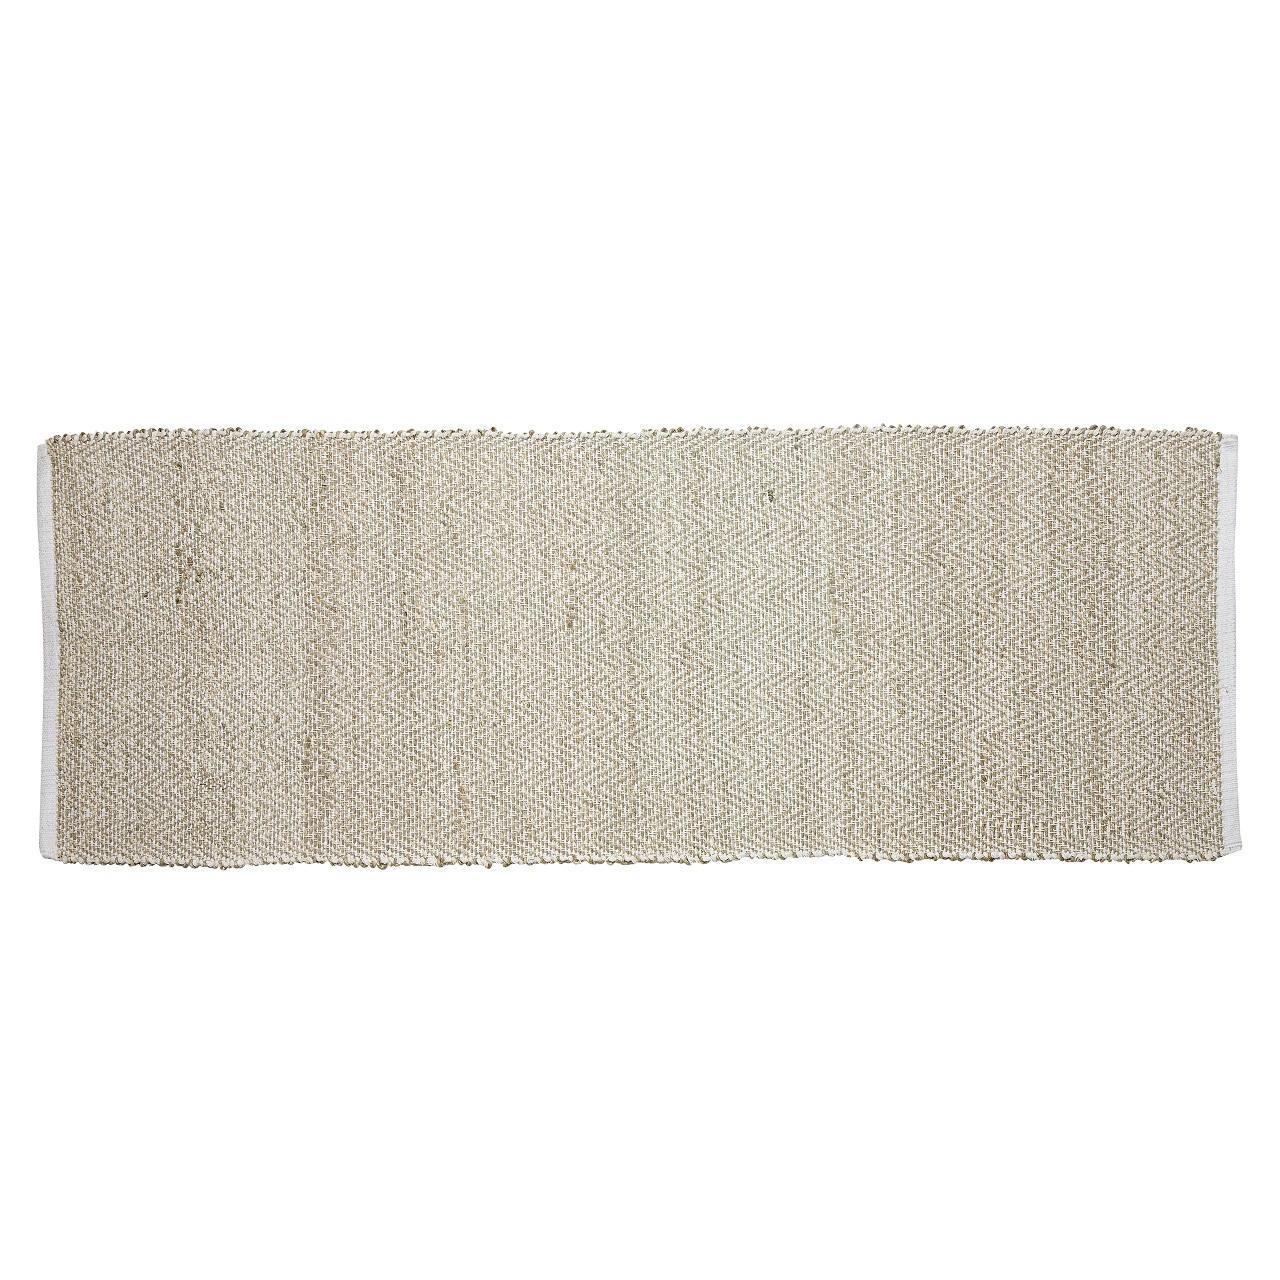 Hübsch Jutový koberec Herringbone 60x180 Béžová